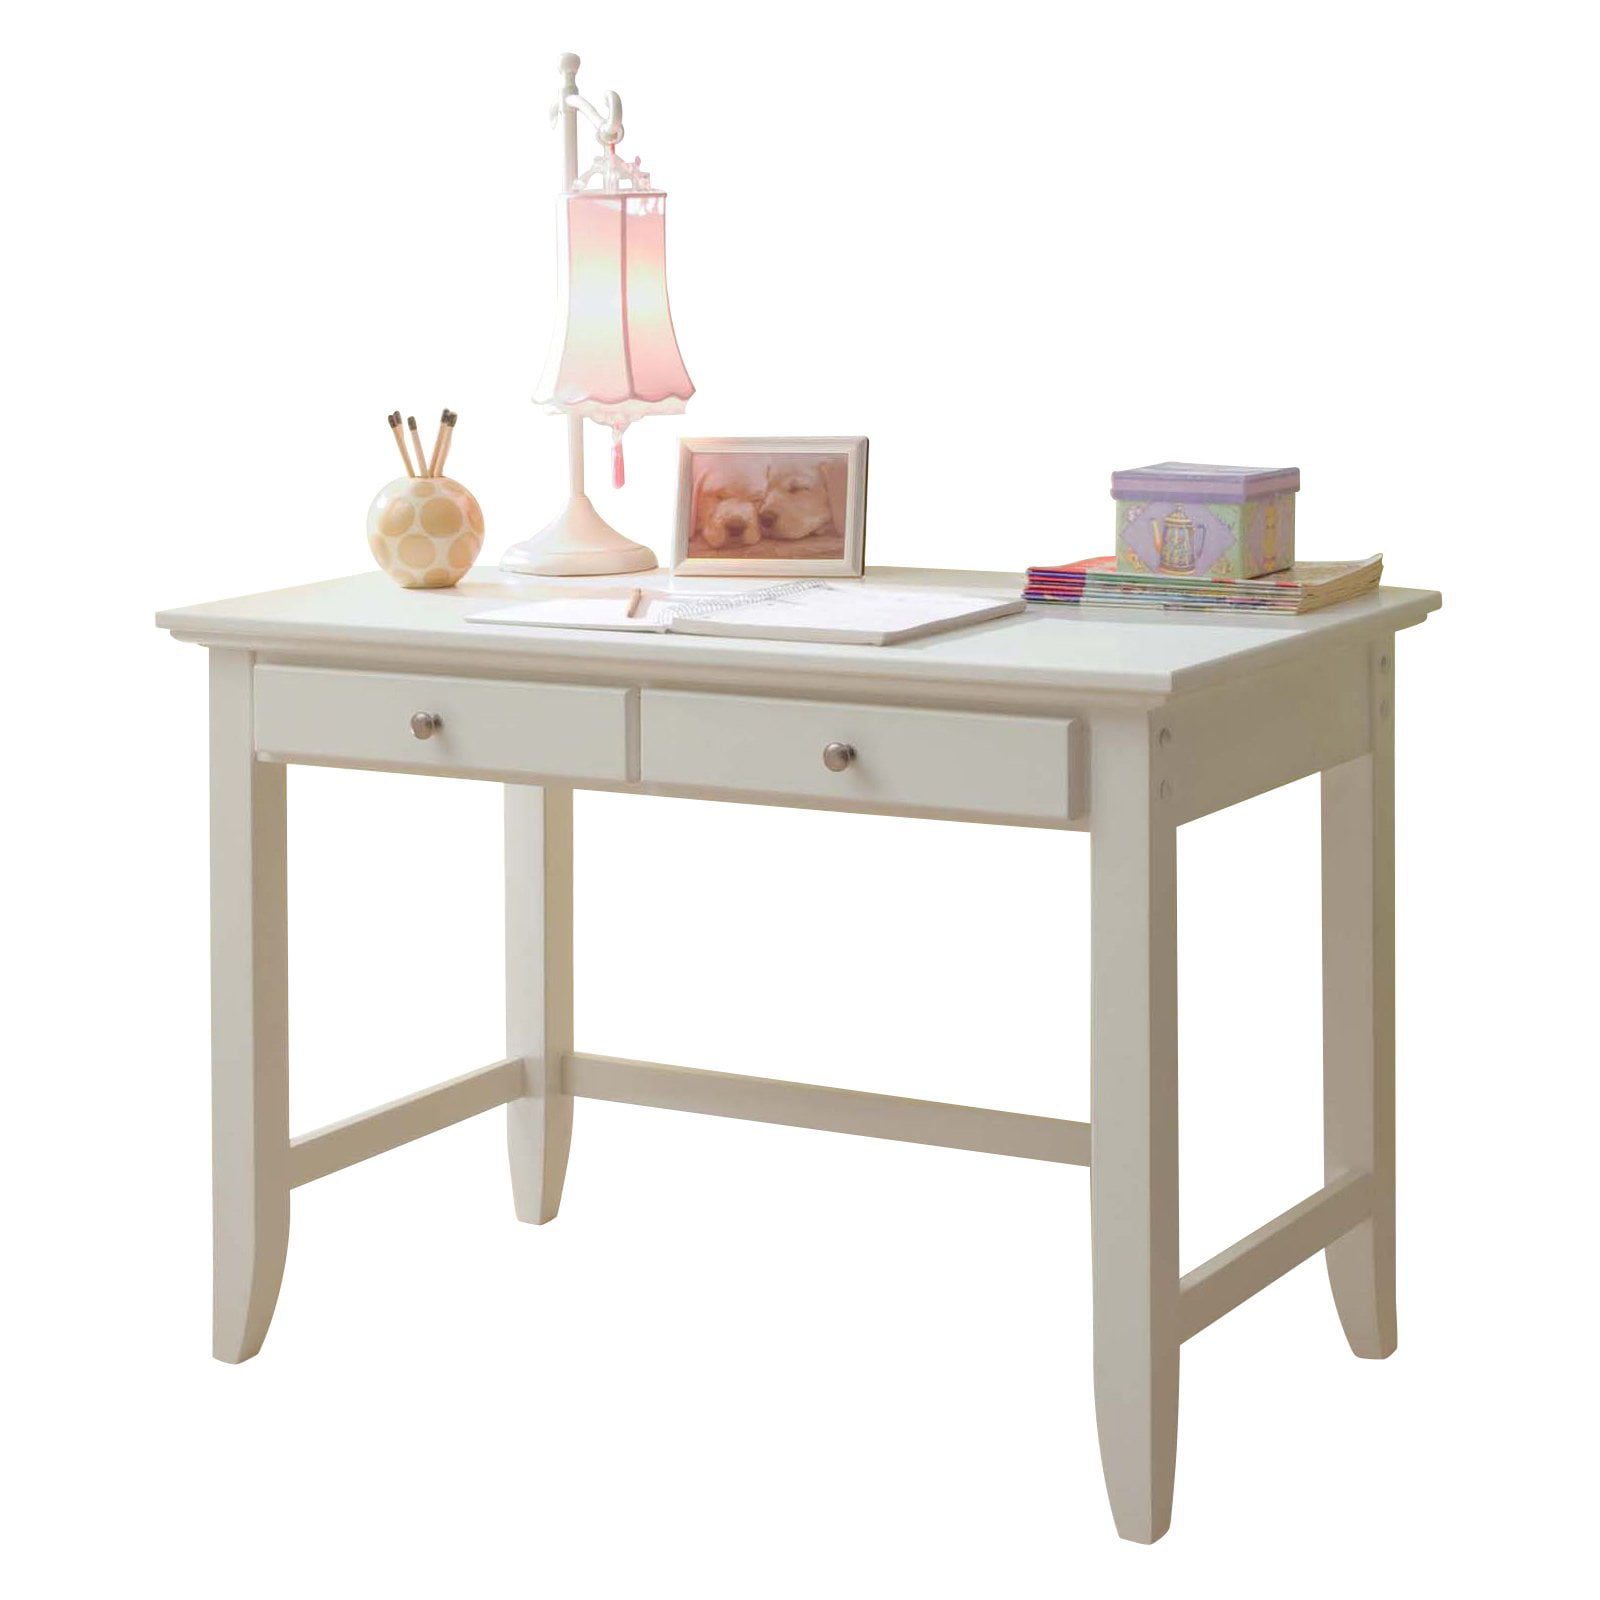 Home Styles Naples Student Desk - White - Walmart.com ...